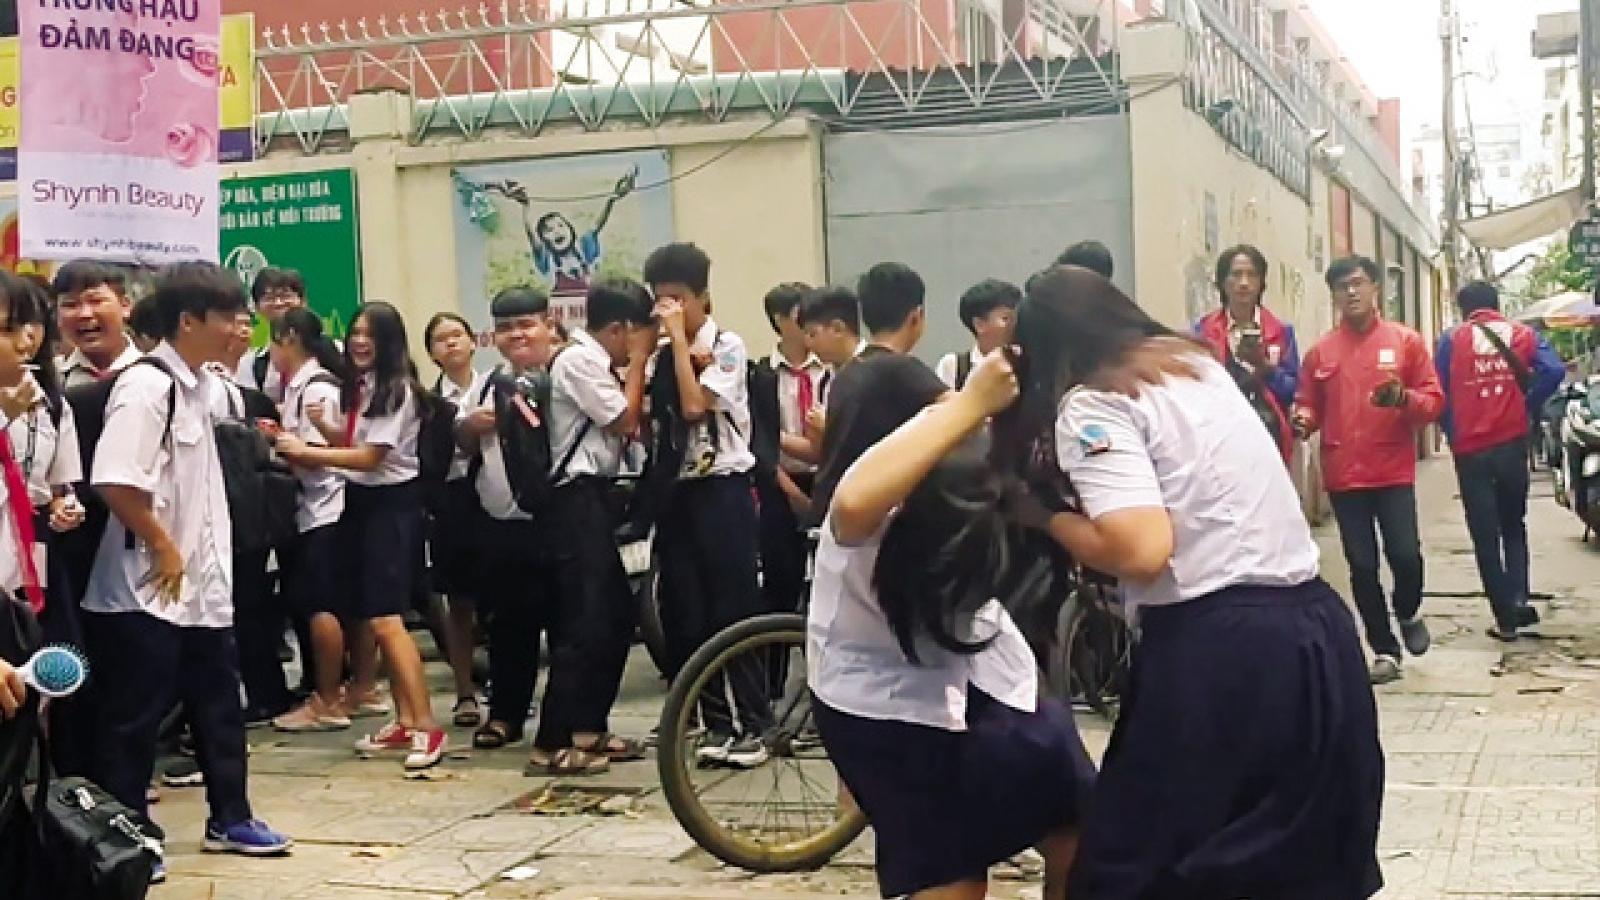 Nữ sinh lớp 9 ở Cà Mau bị đánh hội đồng do mâu thuẫn trên mạng